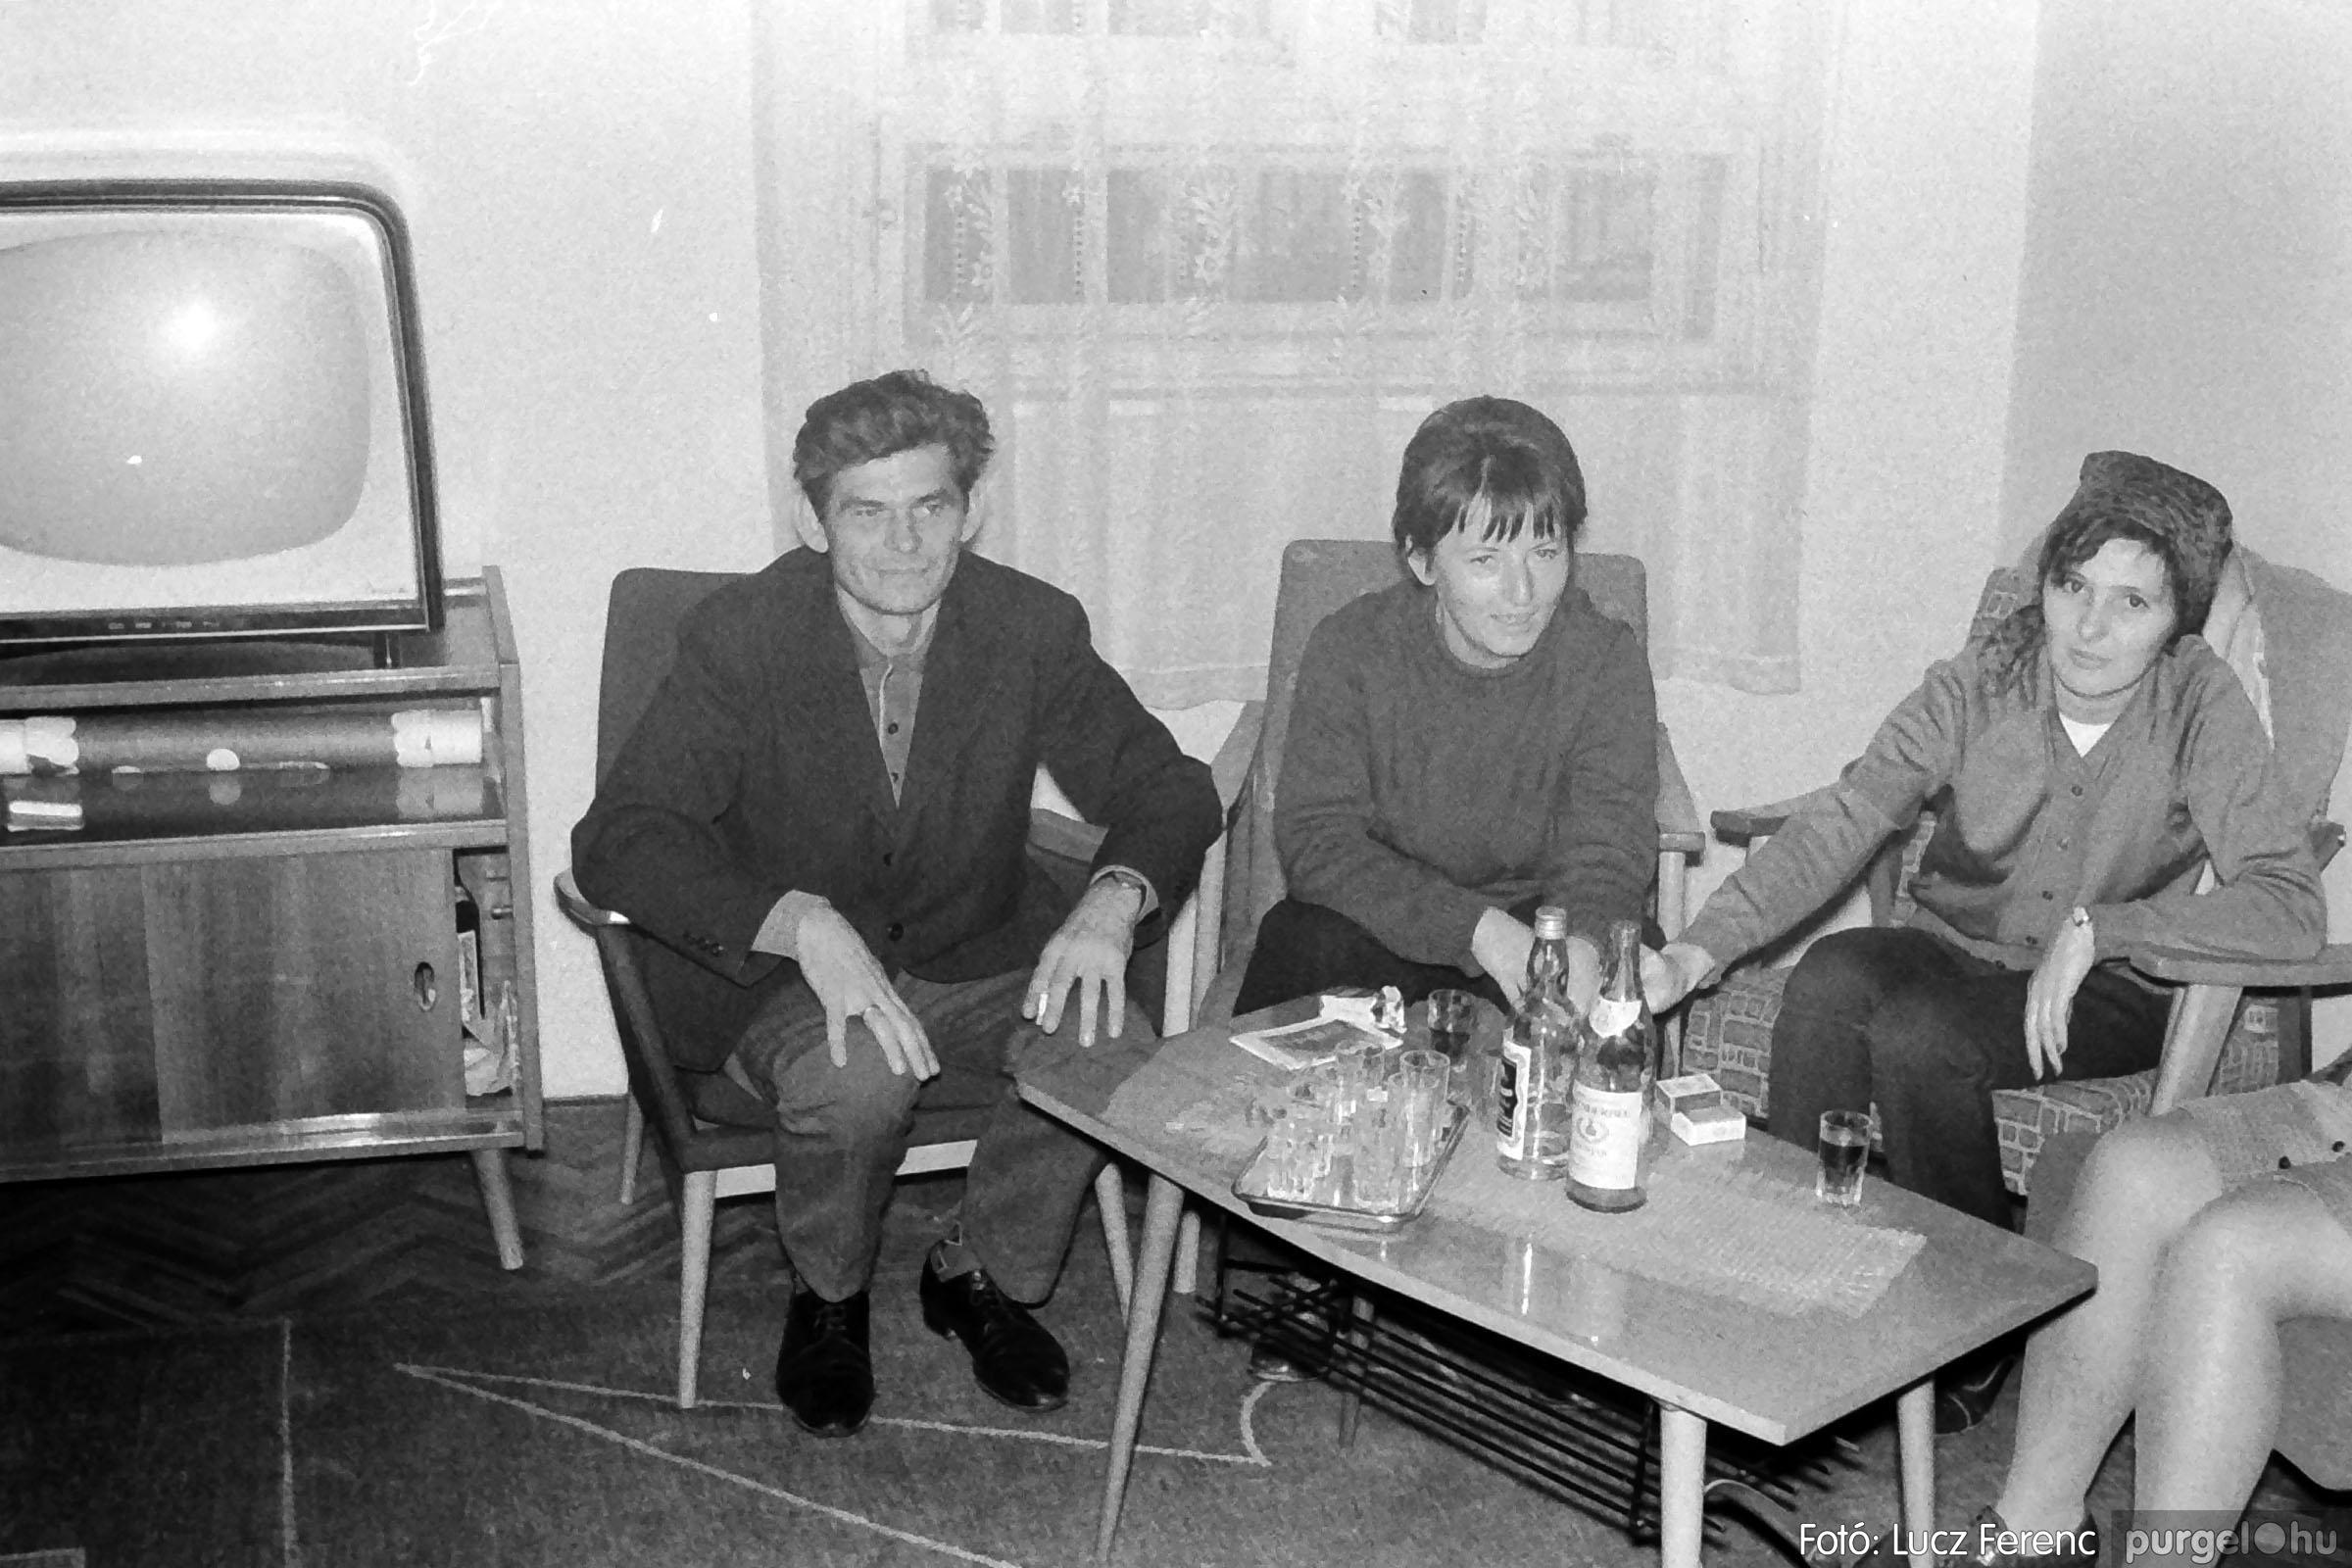 004B 1970-es évek - Bábelőadás 006 - Fotó: Lucz Ferenc IMG00045q.jpg